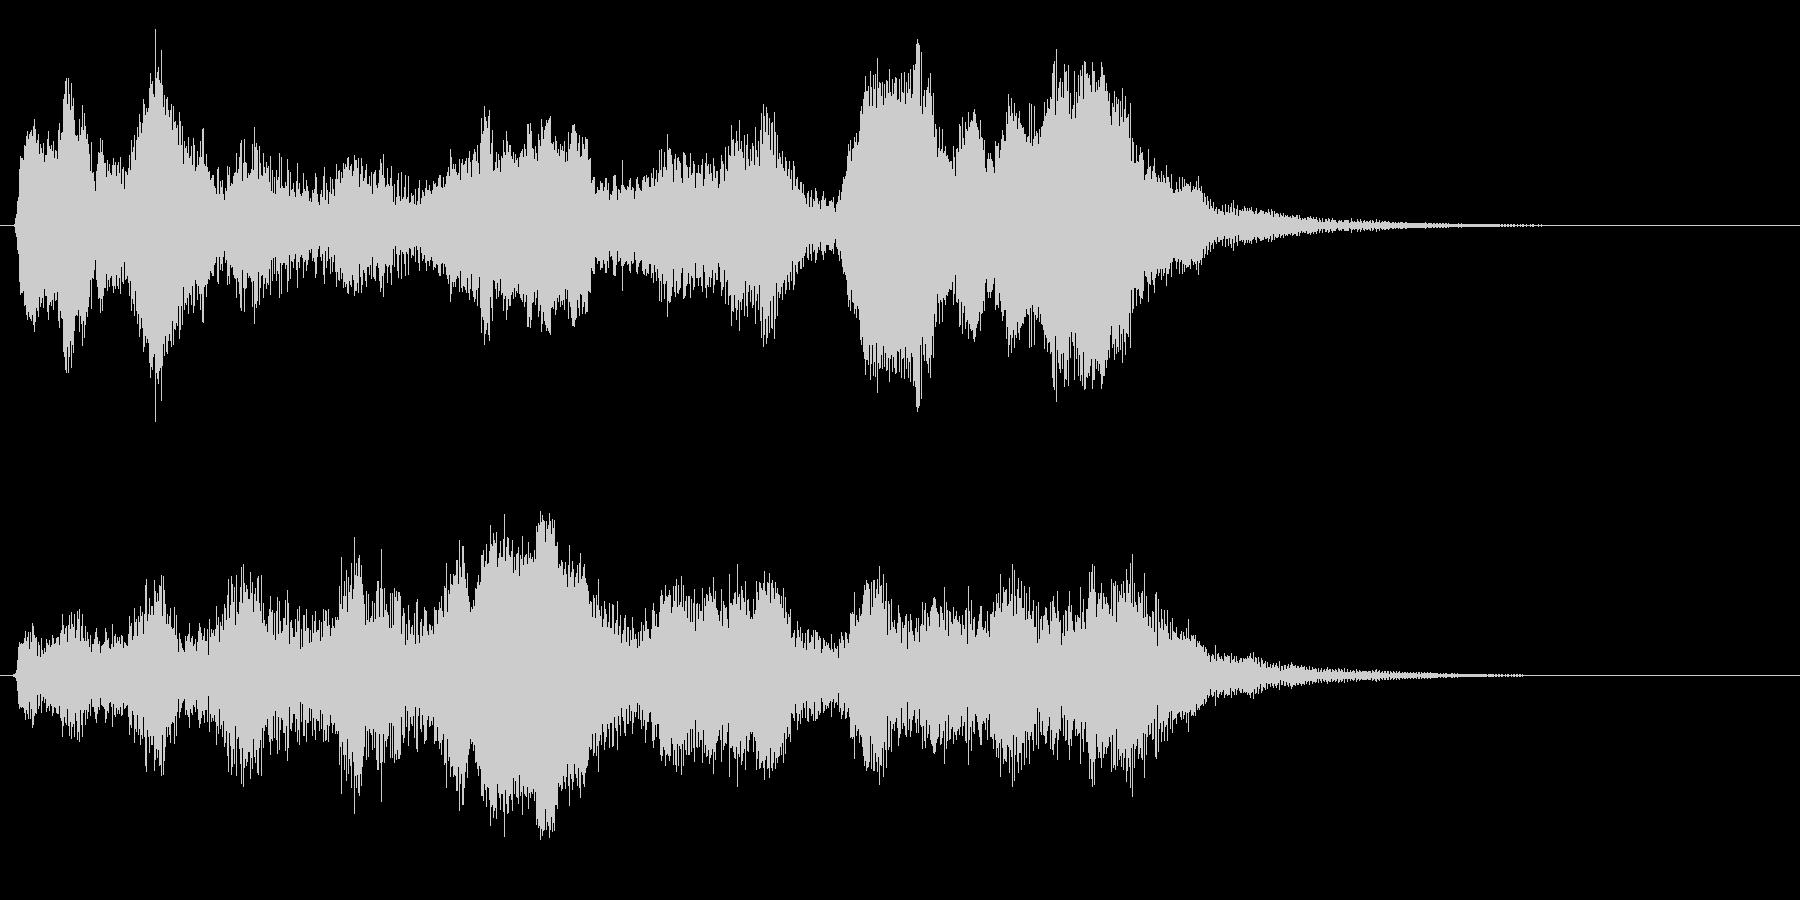 オルゴールとストリングスの優しいジングルの未再生の波形